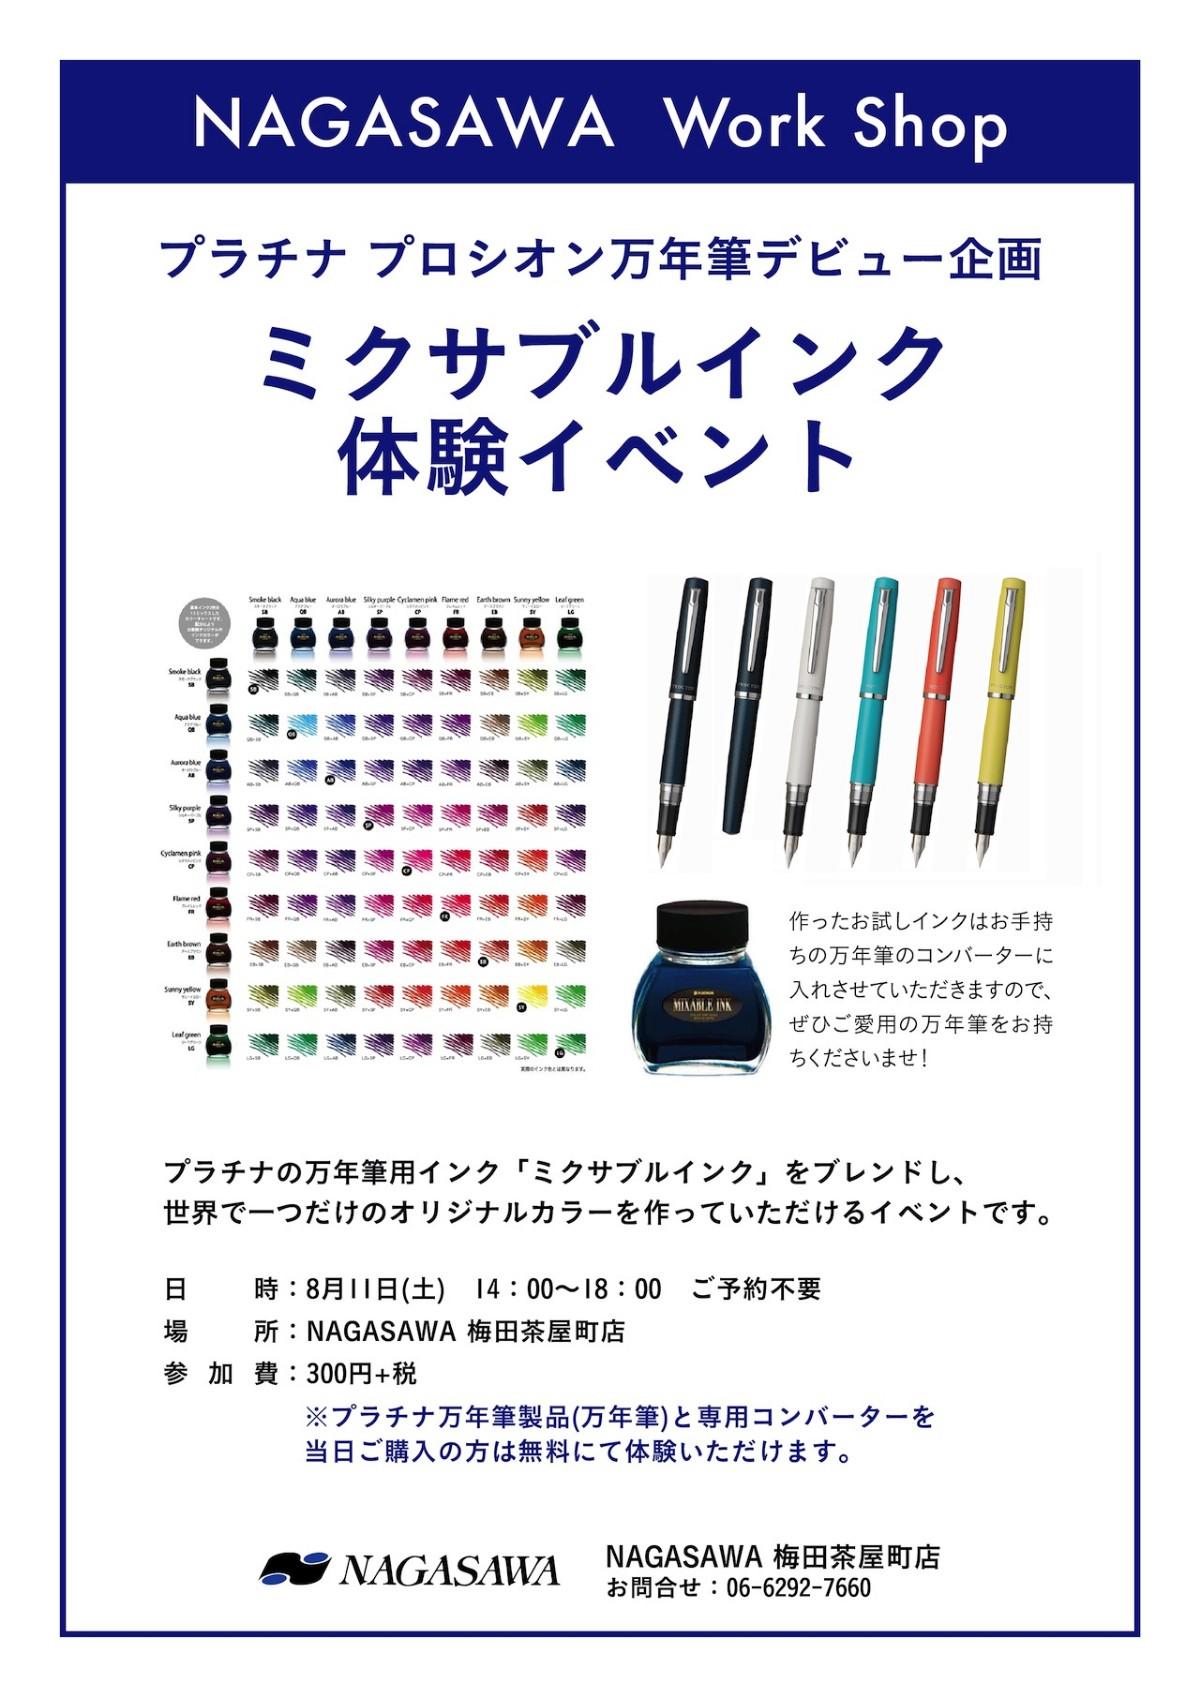 【梅田茶屋町店】好きな色はどんな色?「ミクサブルインク」で自分好みの色を作ってみませんか?